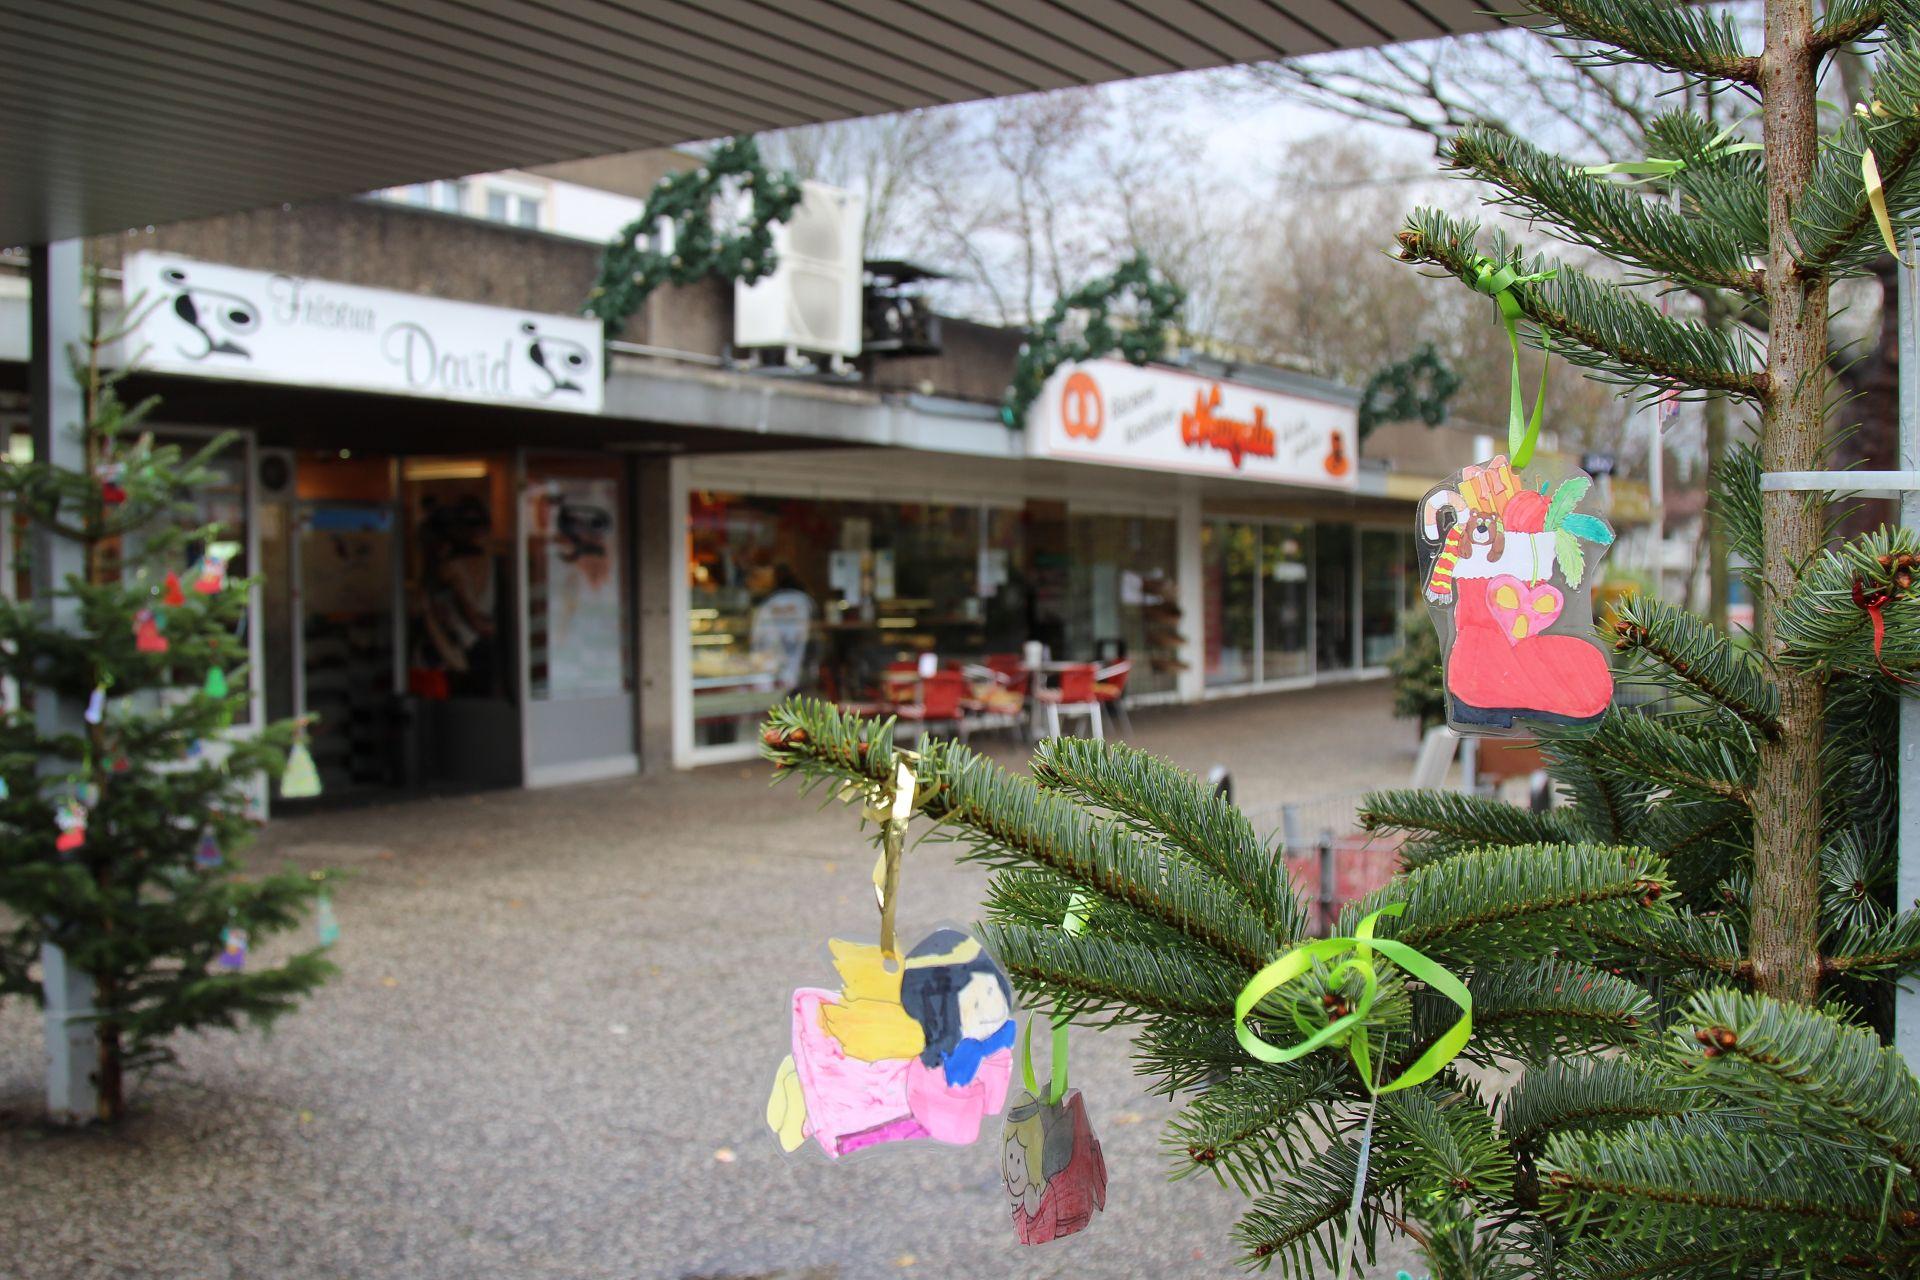 gemeinschaftliches weihnachtsbaum schm cken und singen im. Black Bedroom Furniture Sets. Home Design Ideas